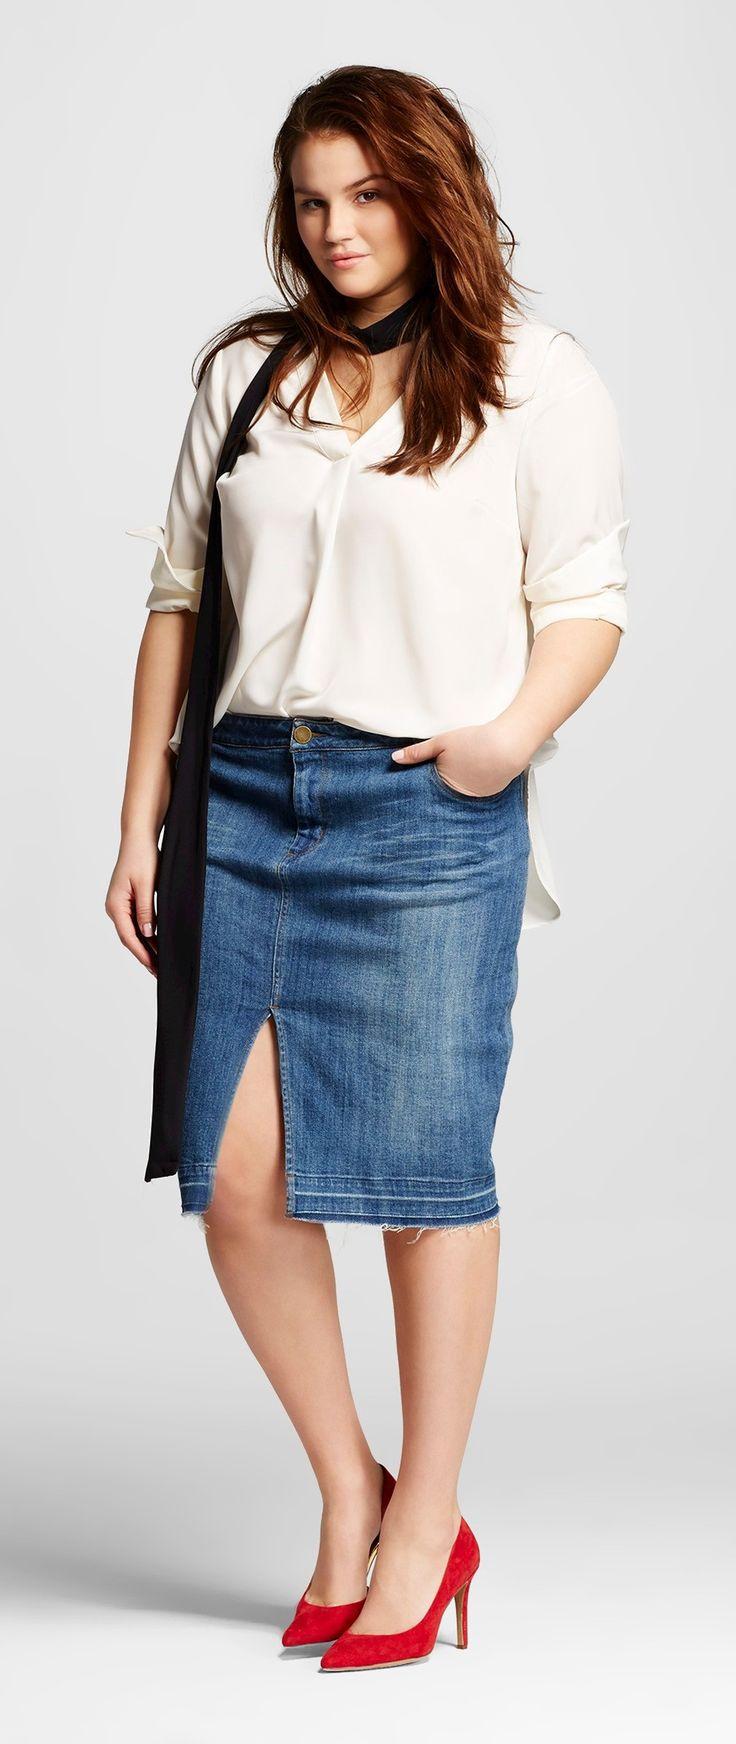 92 best denim skirt images on Pinterest | Denim skirts, Denim ...